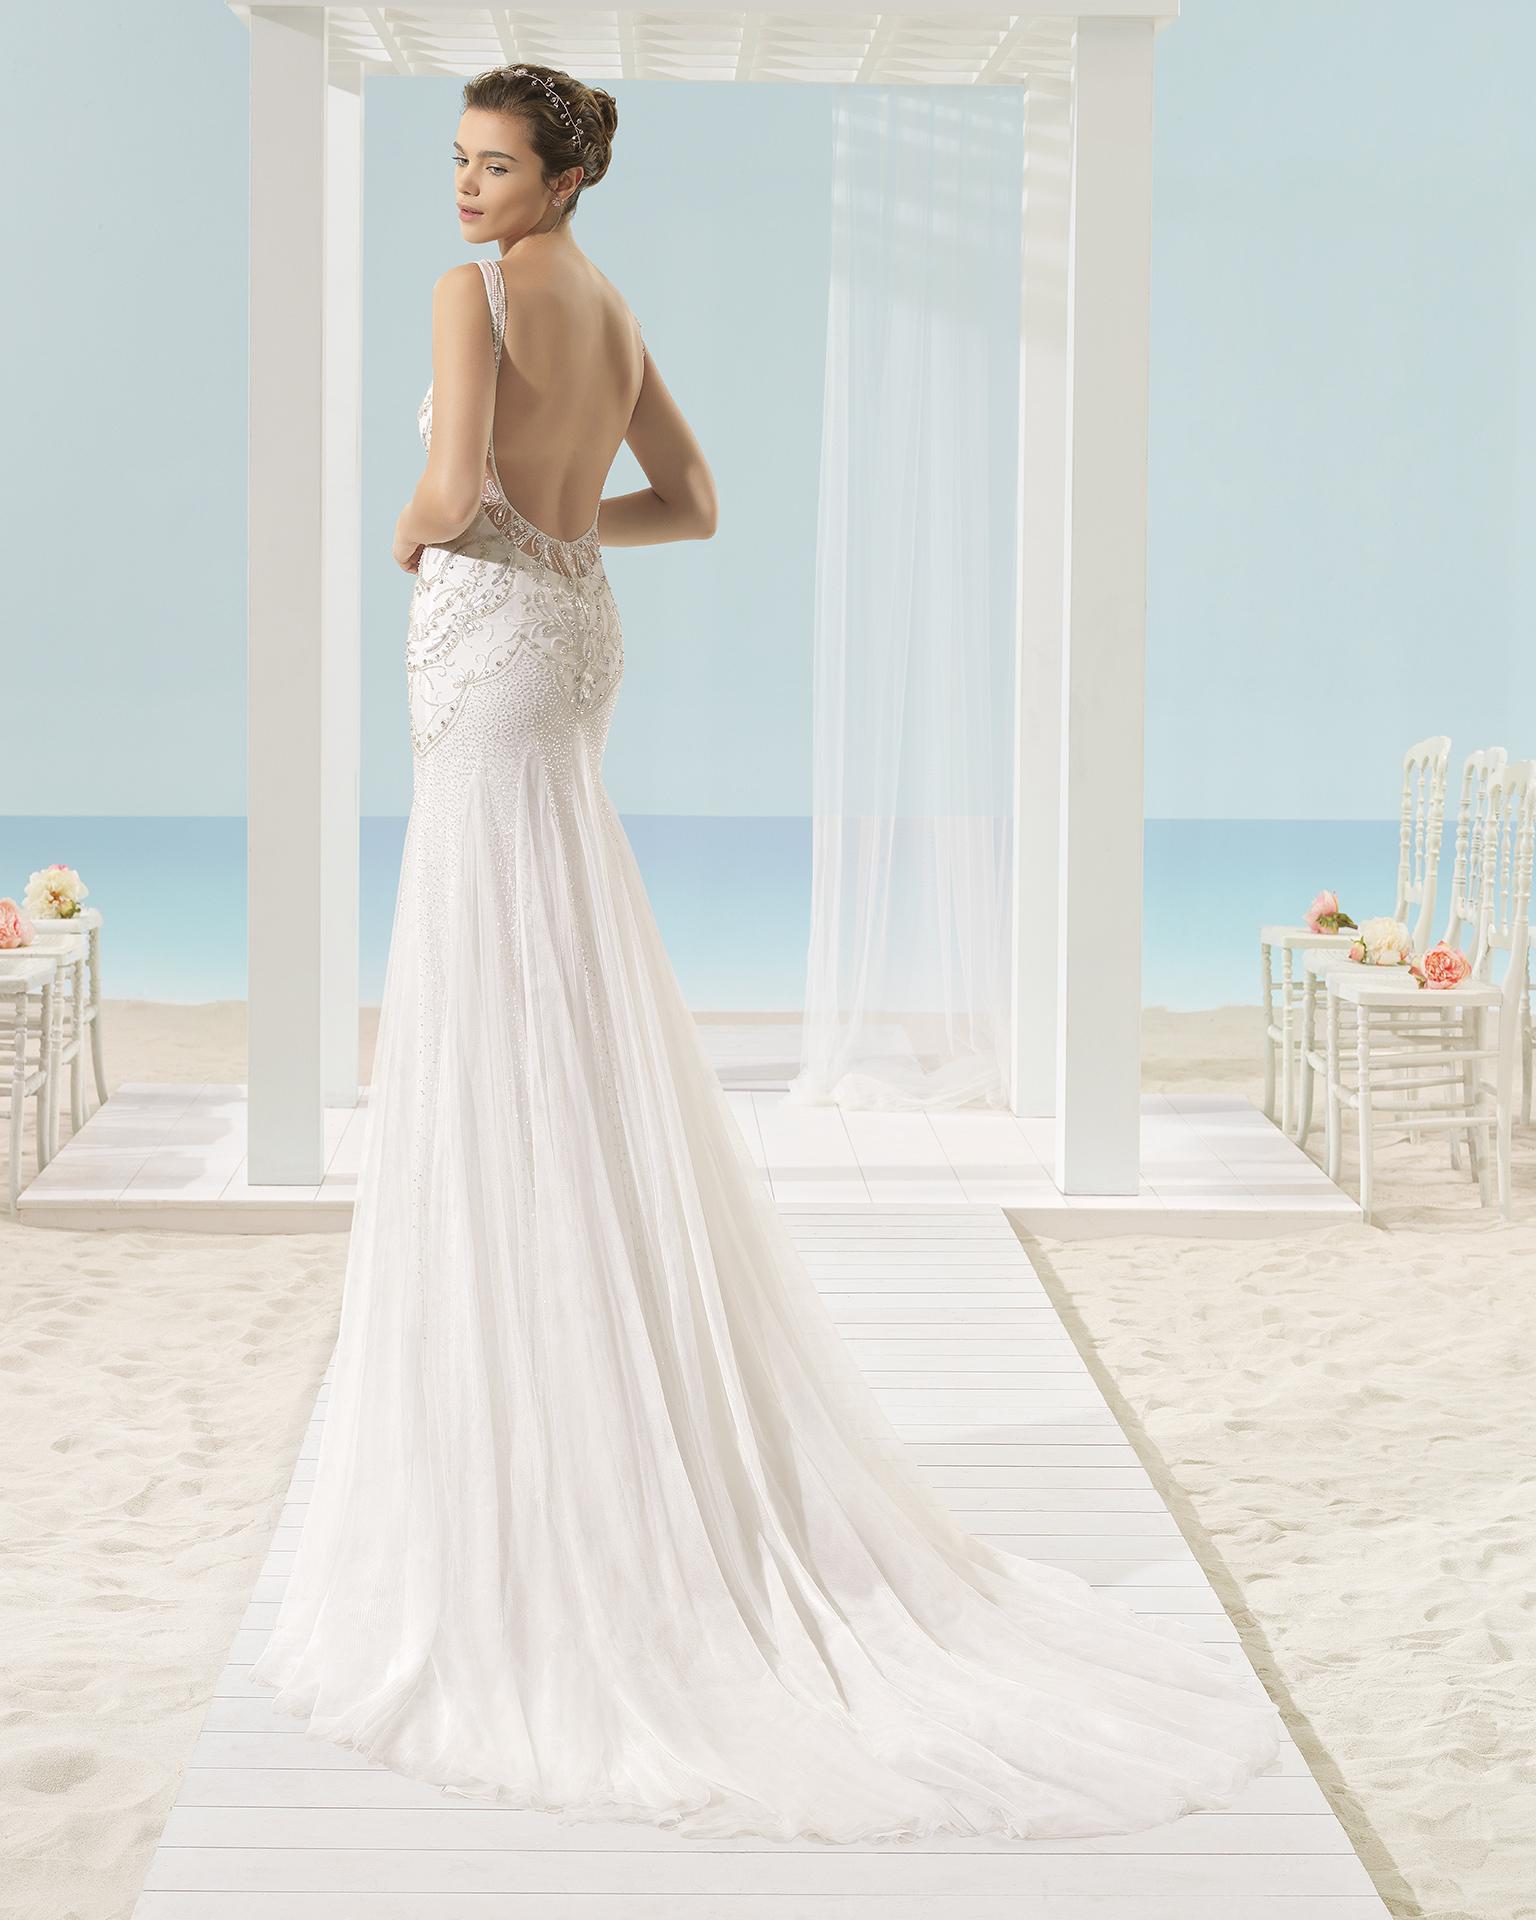 XACOB vestido de noiva Aire Barcelona Beach Wedding 2017